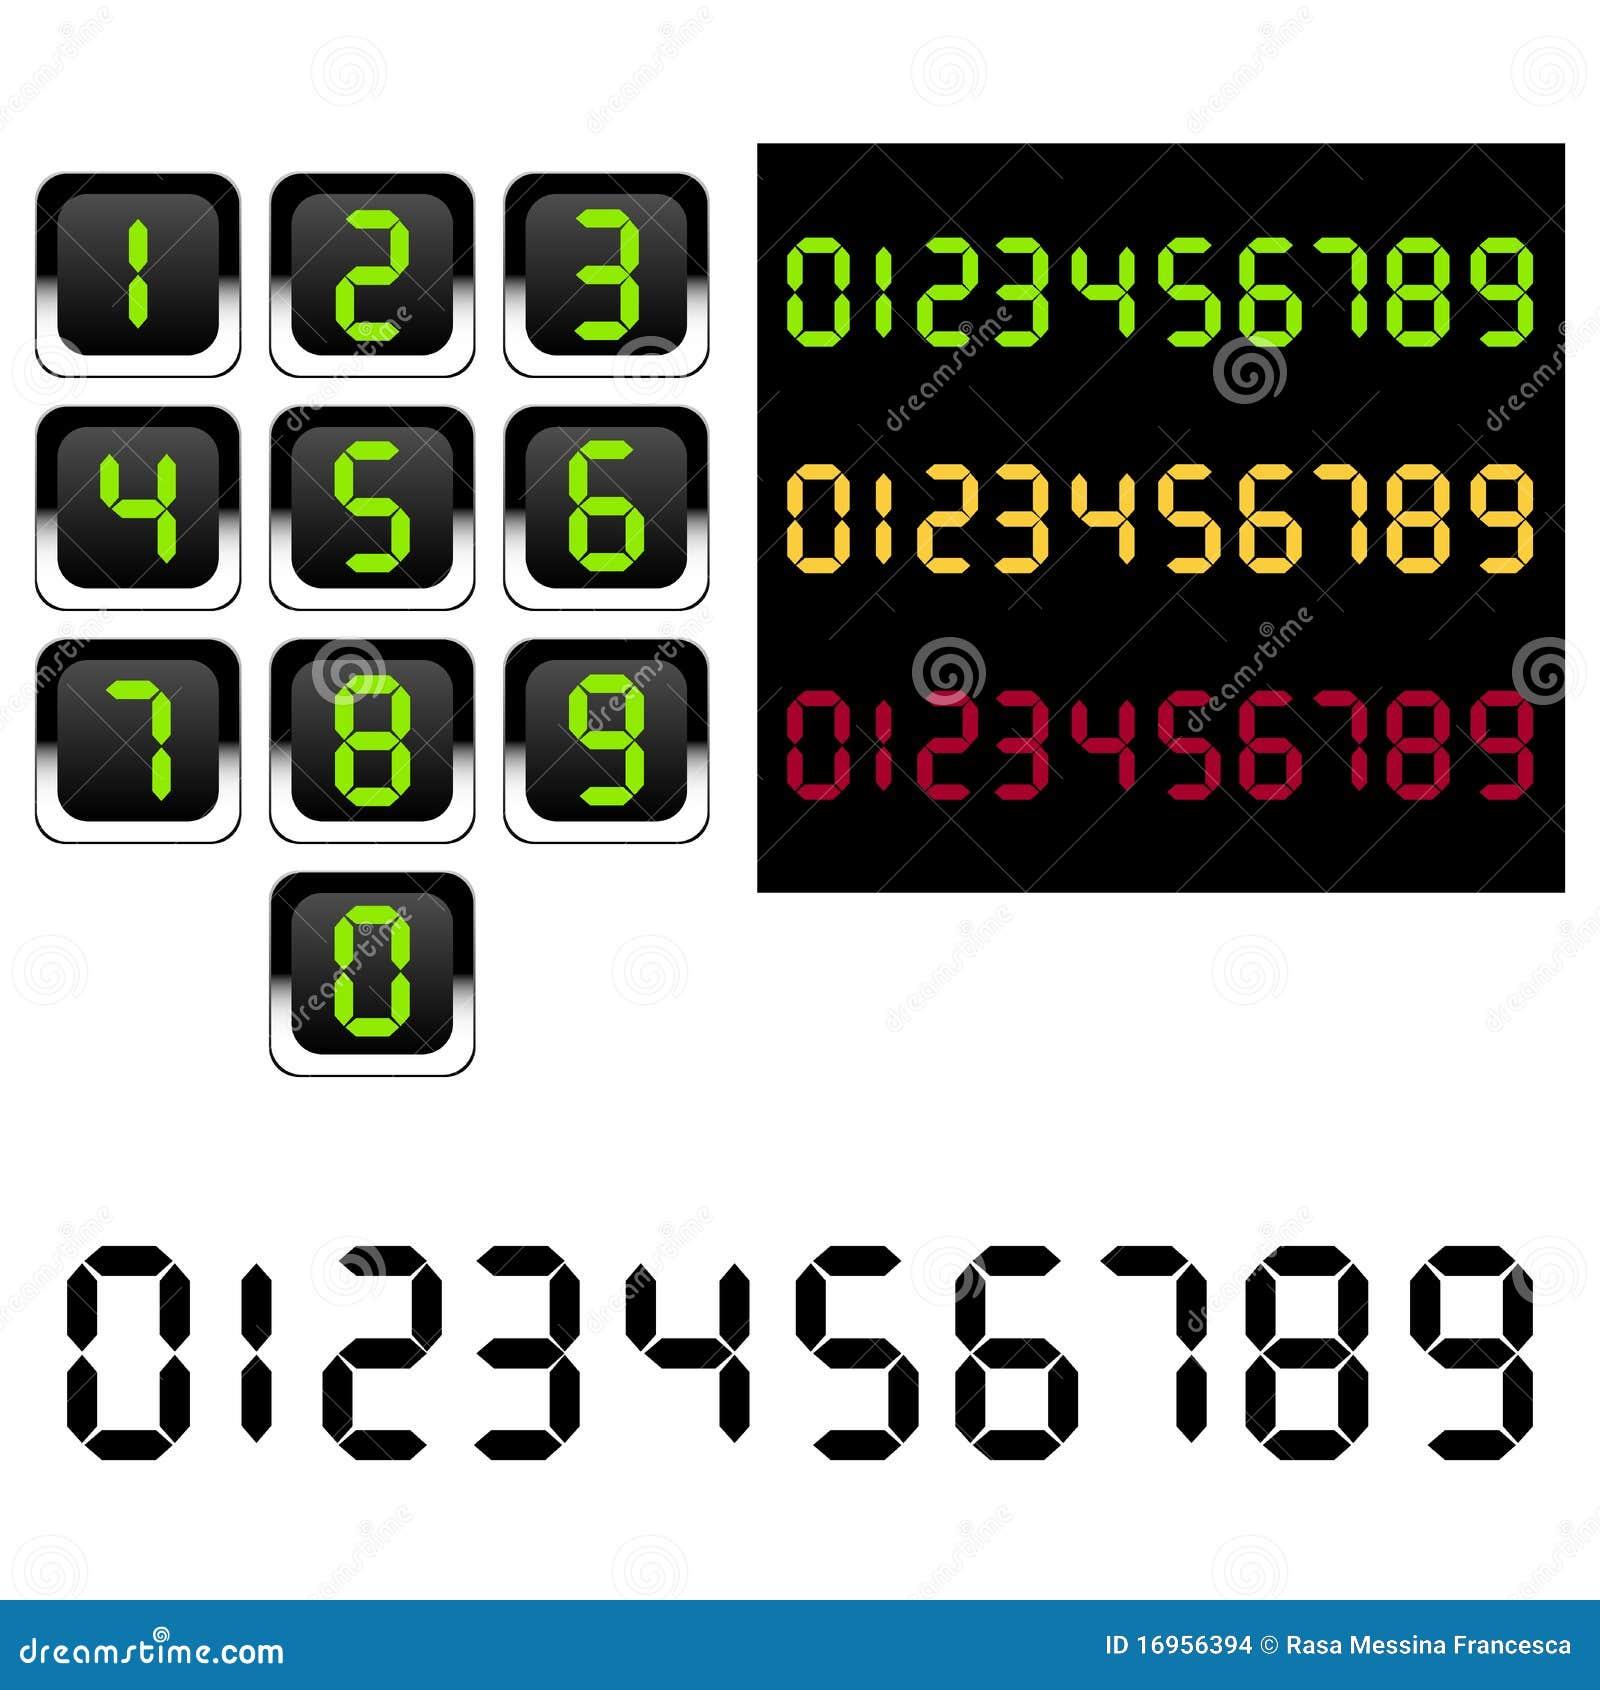 slot machine numbers font